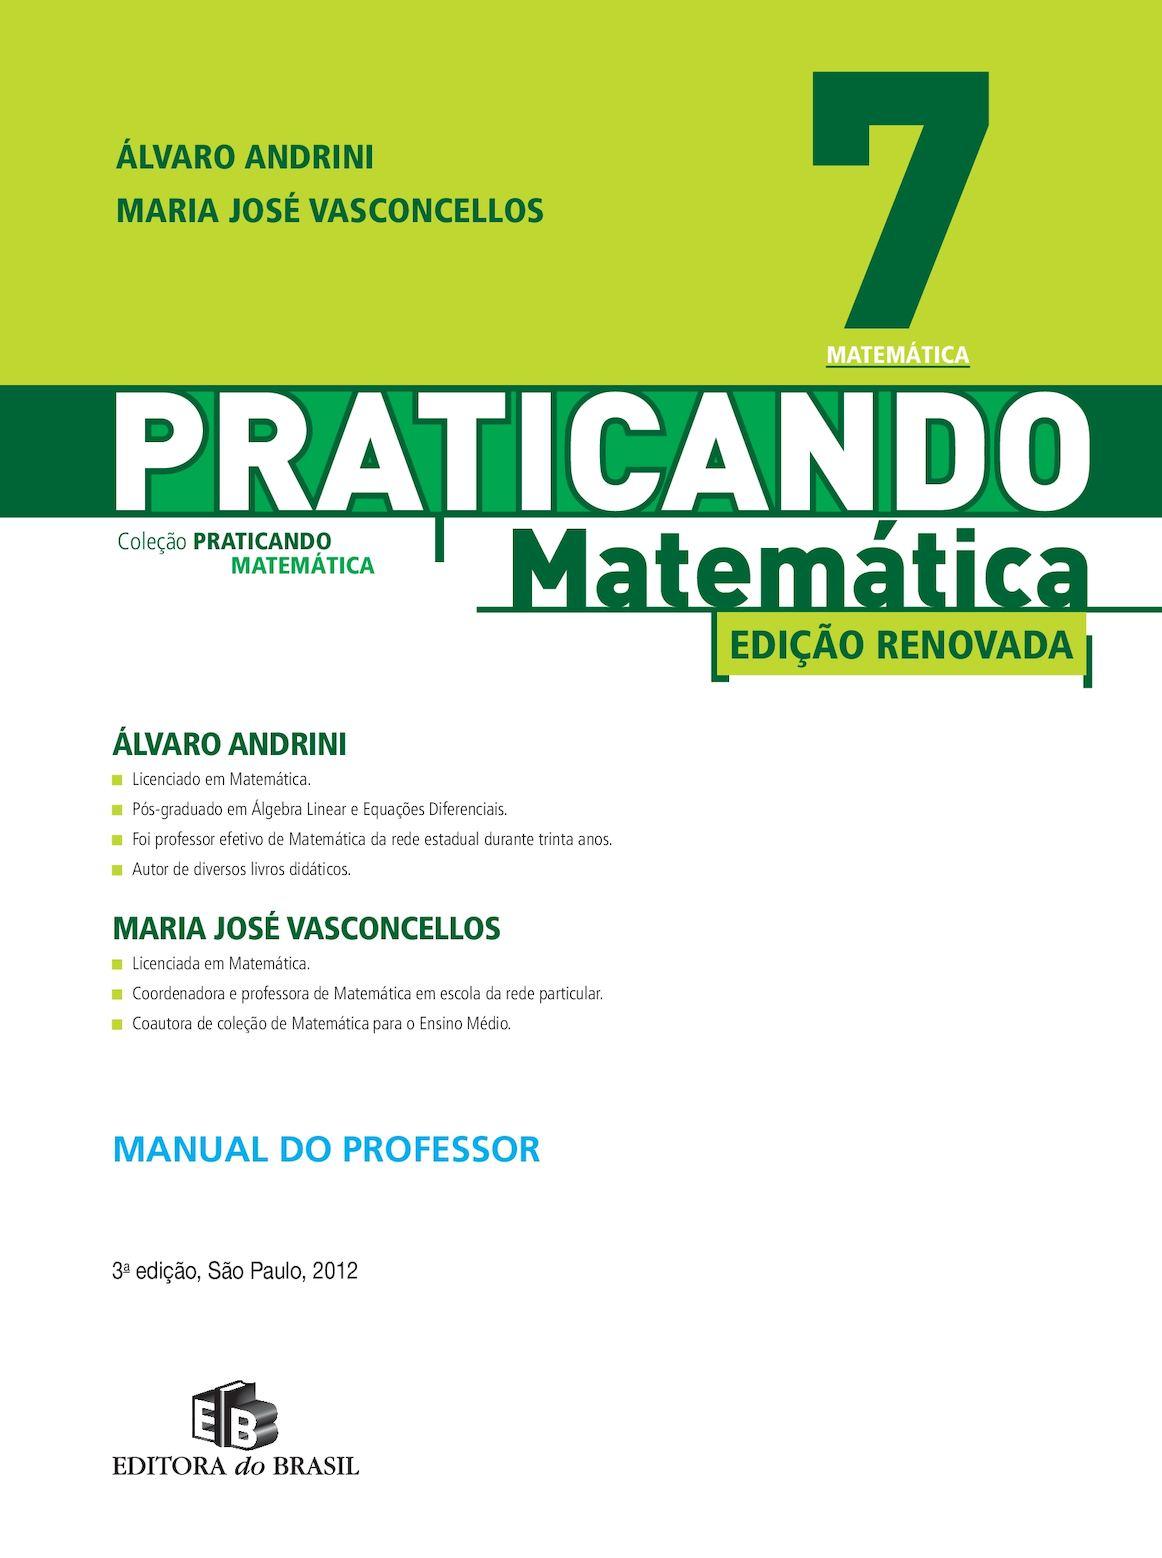 Praticando Matematica 7ano